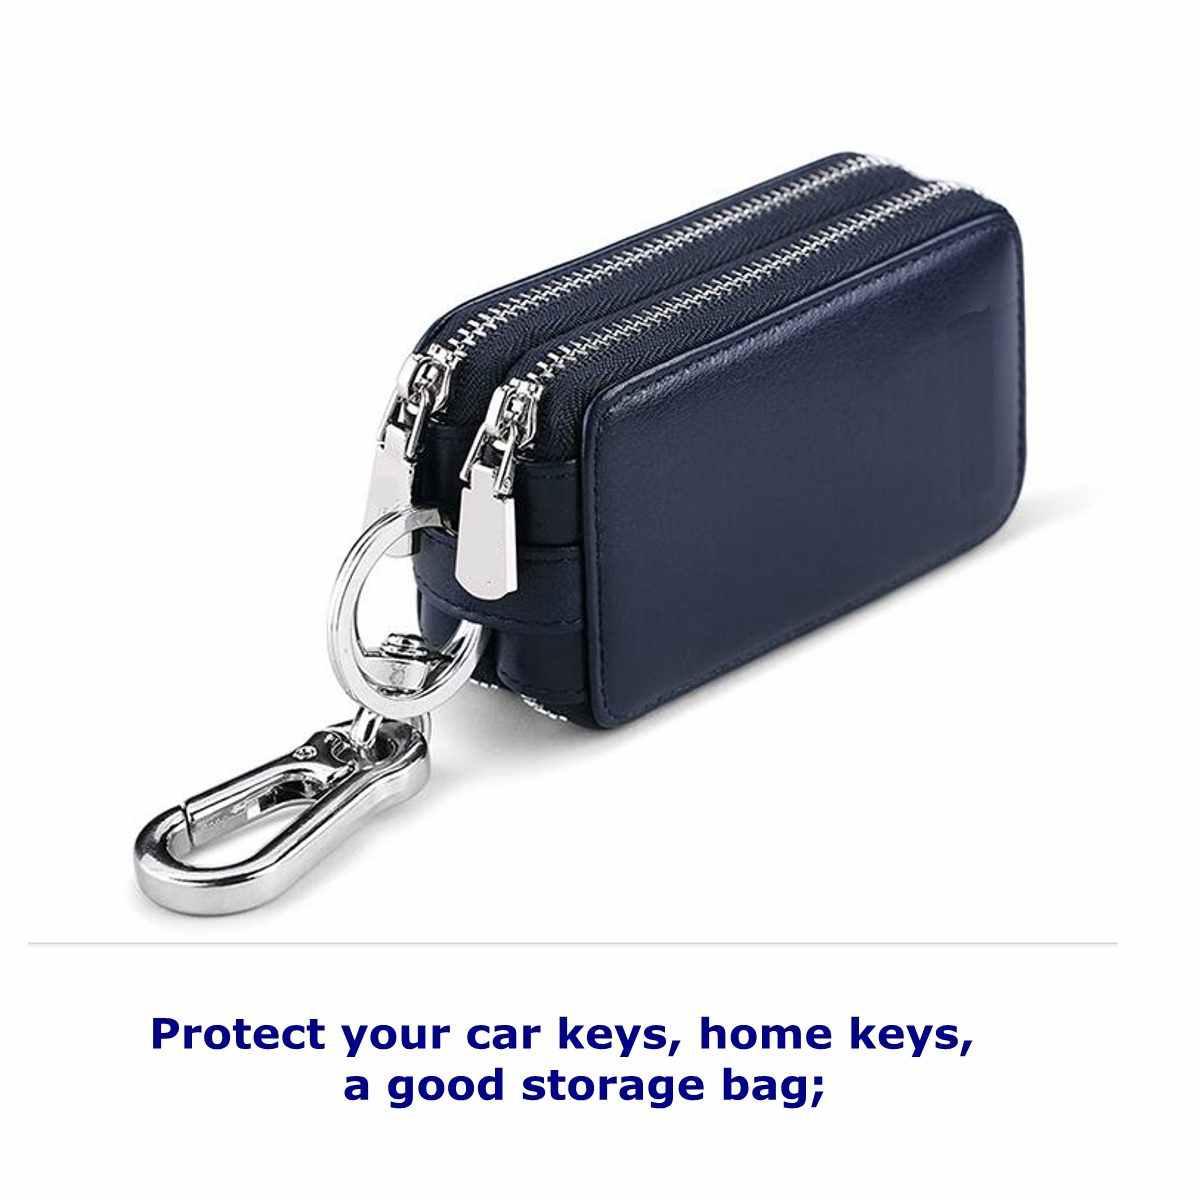 Lapisan ganda Kunci Mobil Tas Home Pemegang Kunci Kulit PU Penyimpanan Casing Dompet Organizer Multifungsi Gantungan Kunci Kasus Pria